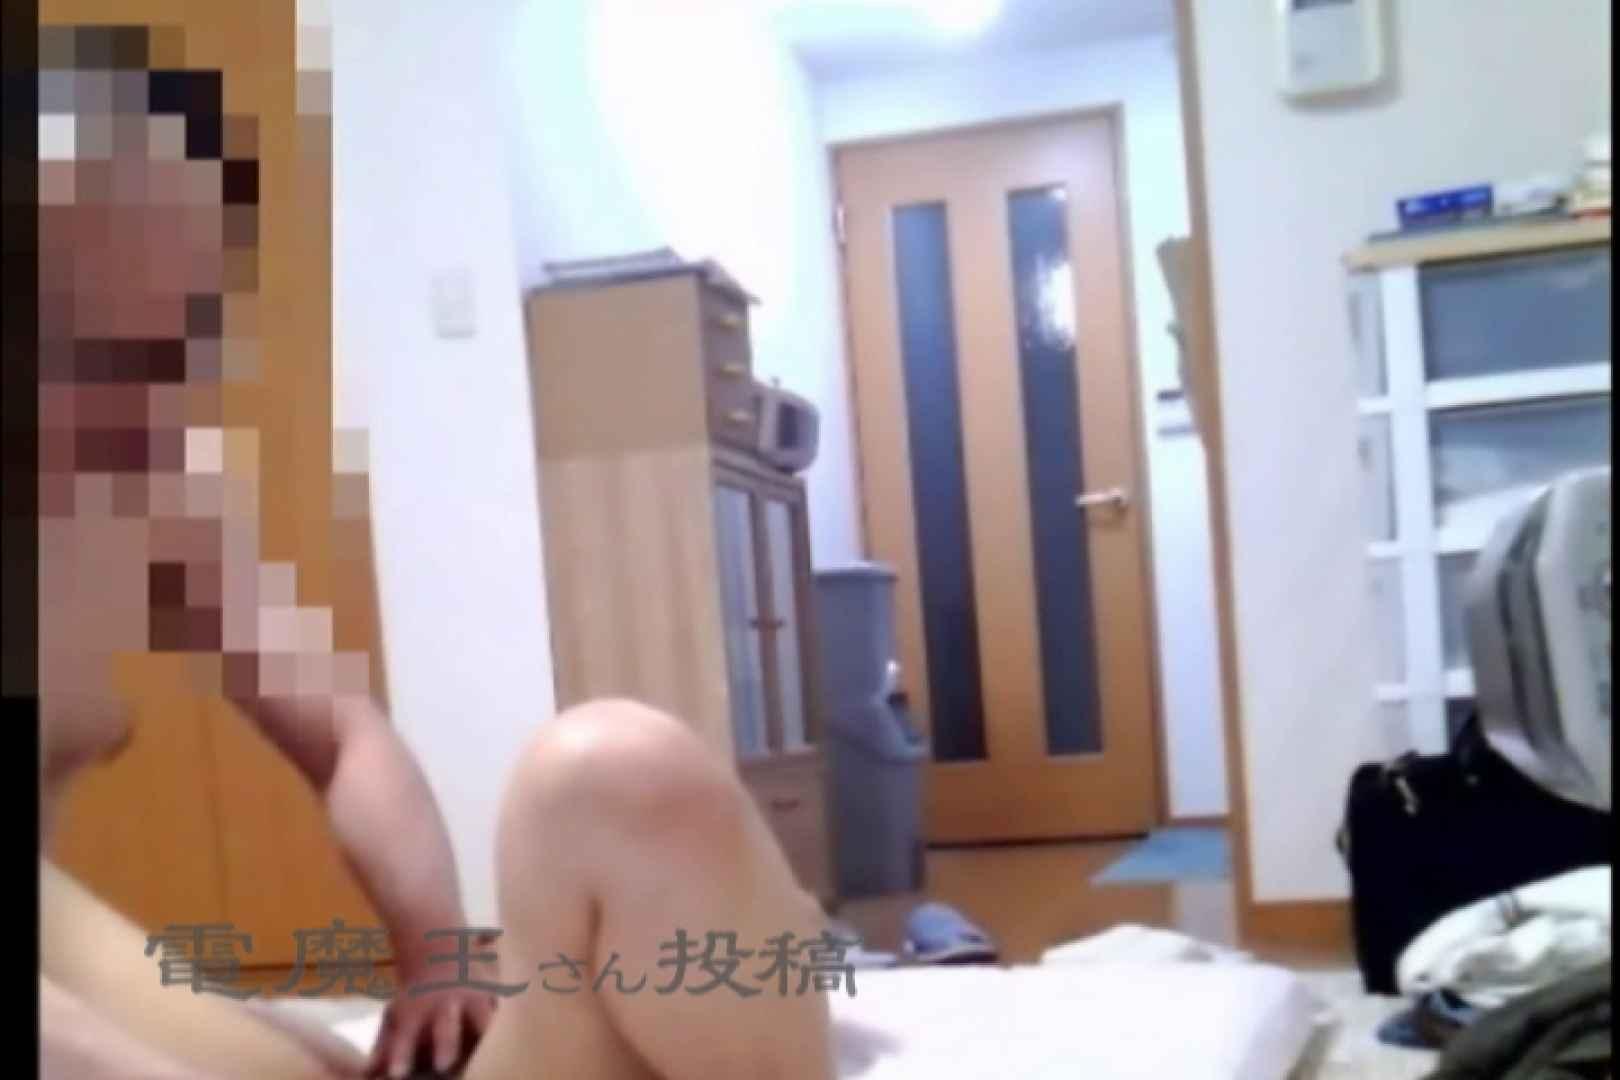 電魔王さんの「隠撮の部屋」ケイ 隠撮  86pic 64